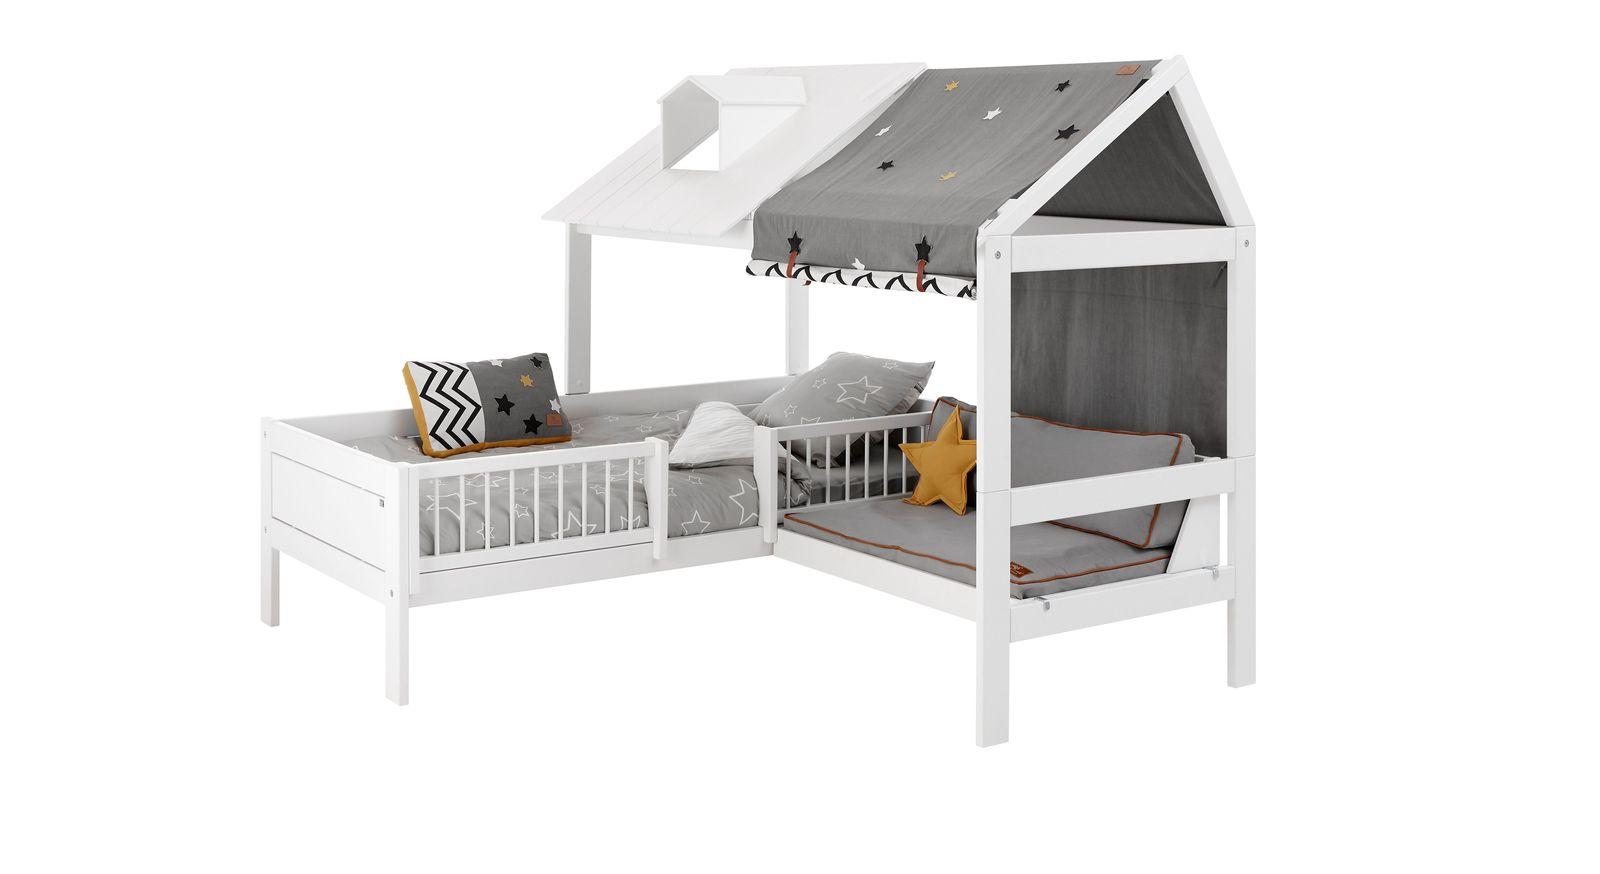 LIFETIME Bett & Sofa Ferienhaus mit Dach in halber Breite